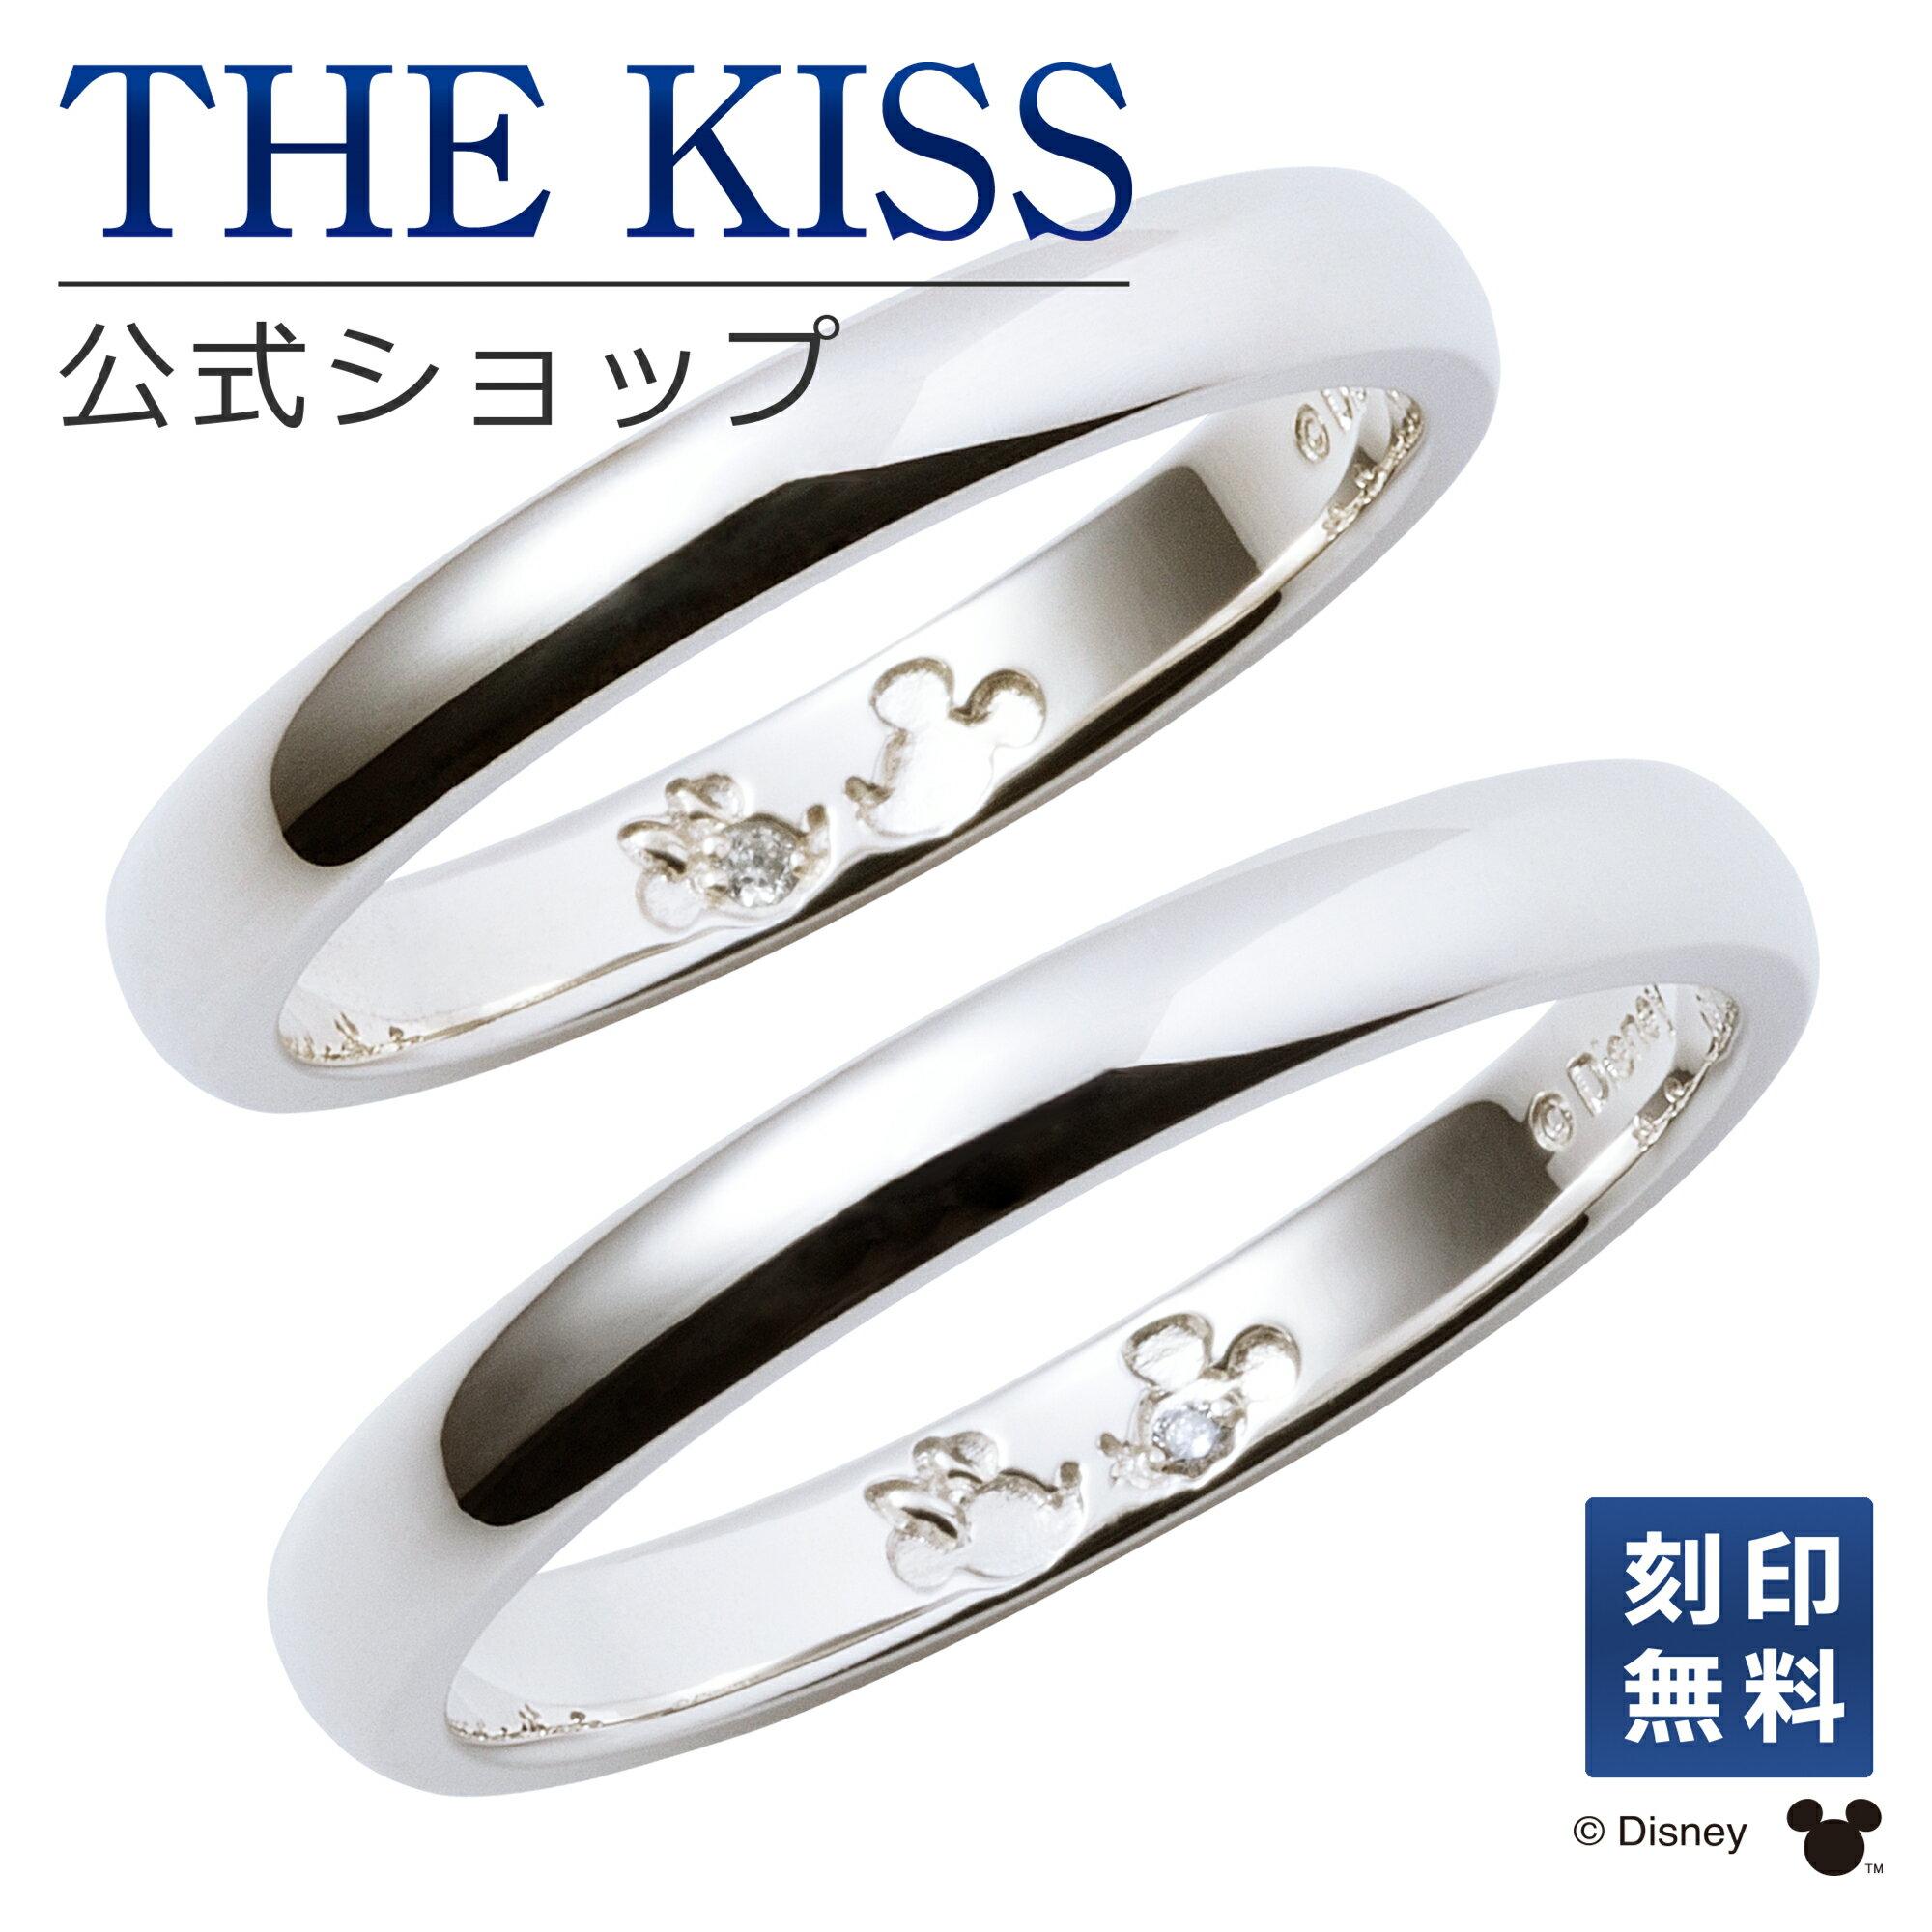 【刻印可_3文字】【あす楽対応】【ディズニーコレクション】 ディズニー / ペアリング / ミッキーマウス & ミニーマウス / THE KISS リング・指輪 シルバー DI-SR1812DM-1813DM ザキス 【送料無料】【Disneyzone】